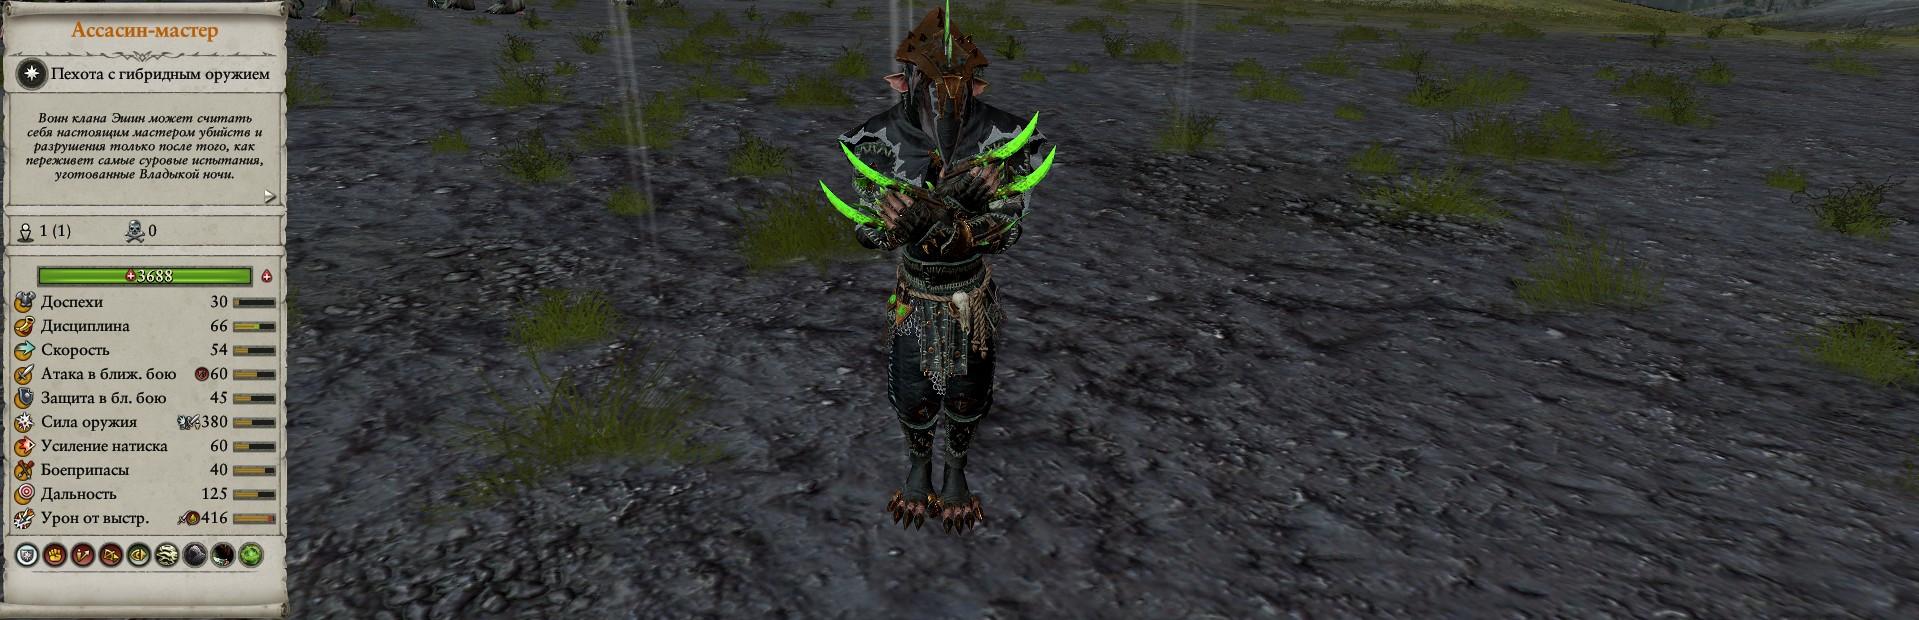 Ассасин-мастер warhammer